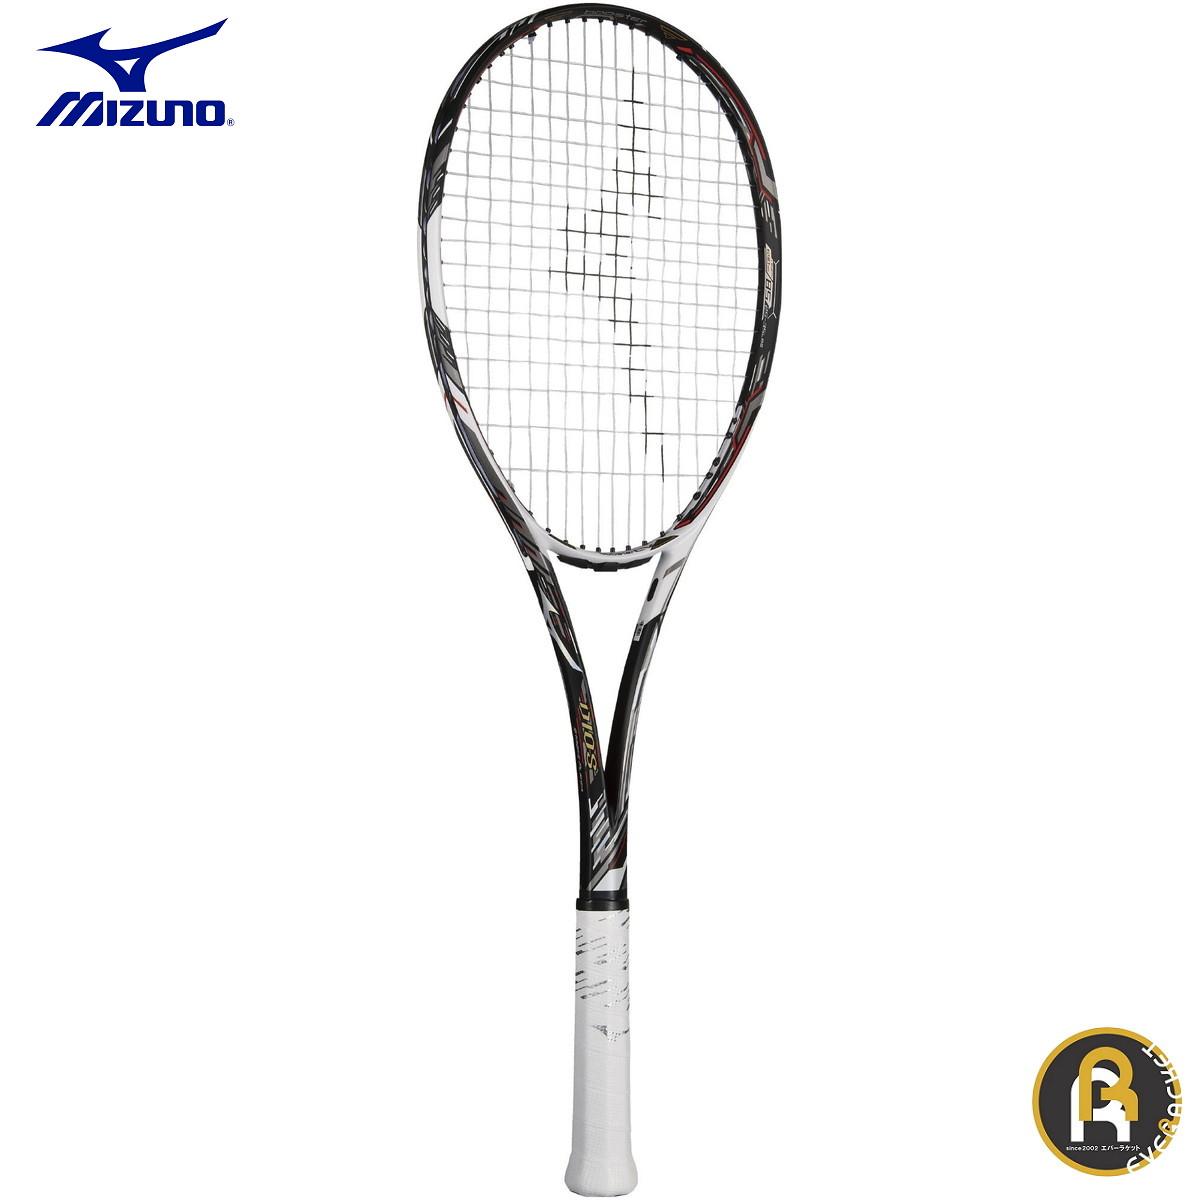 【スーパーセールポイント5倍】ミズノ MIZUNO ソフトテニスラケット DIOS PRO-C 63JTN96209 ソフトテニス